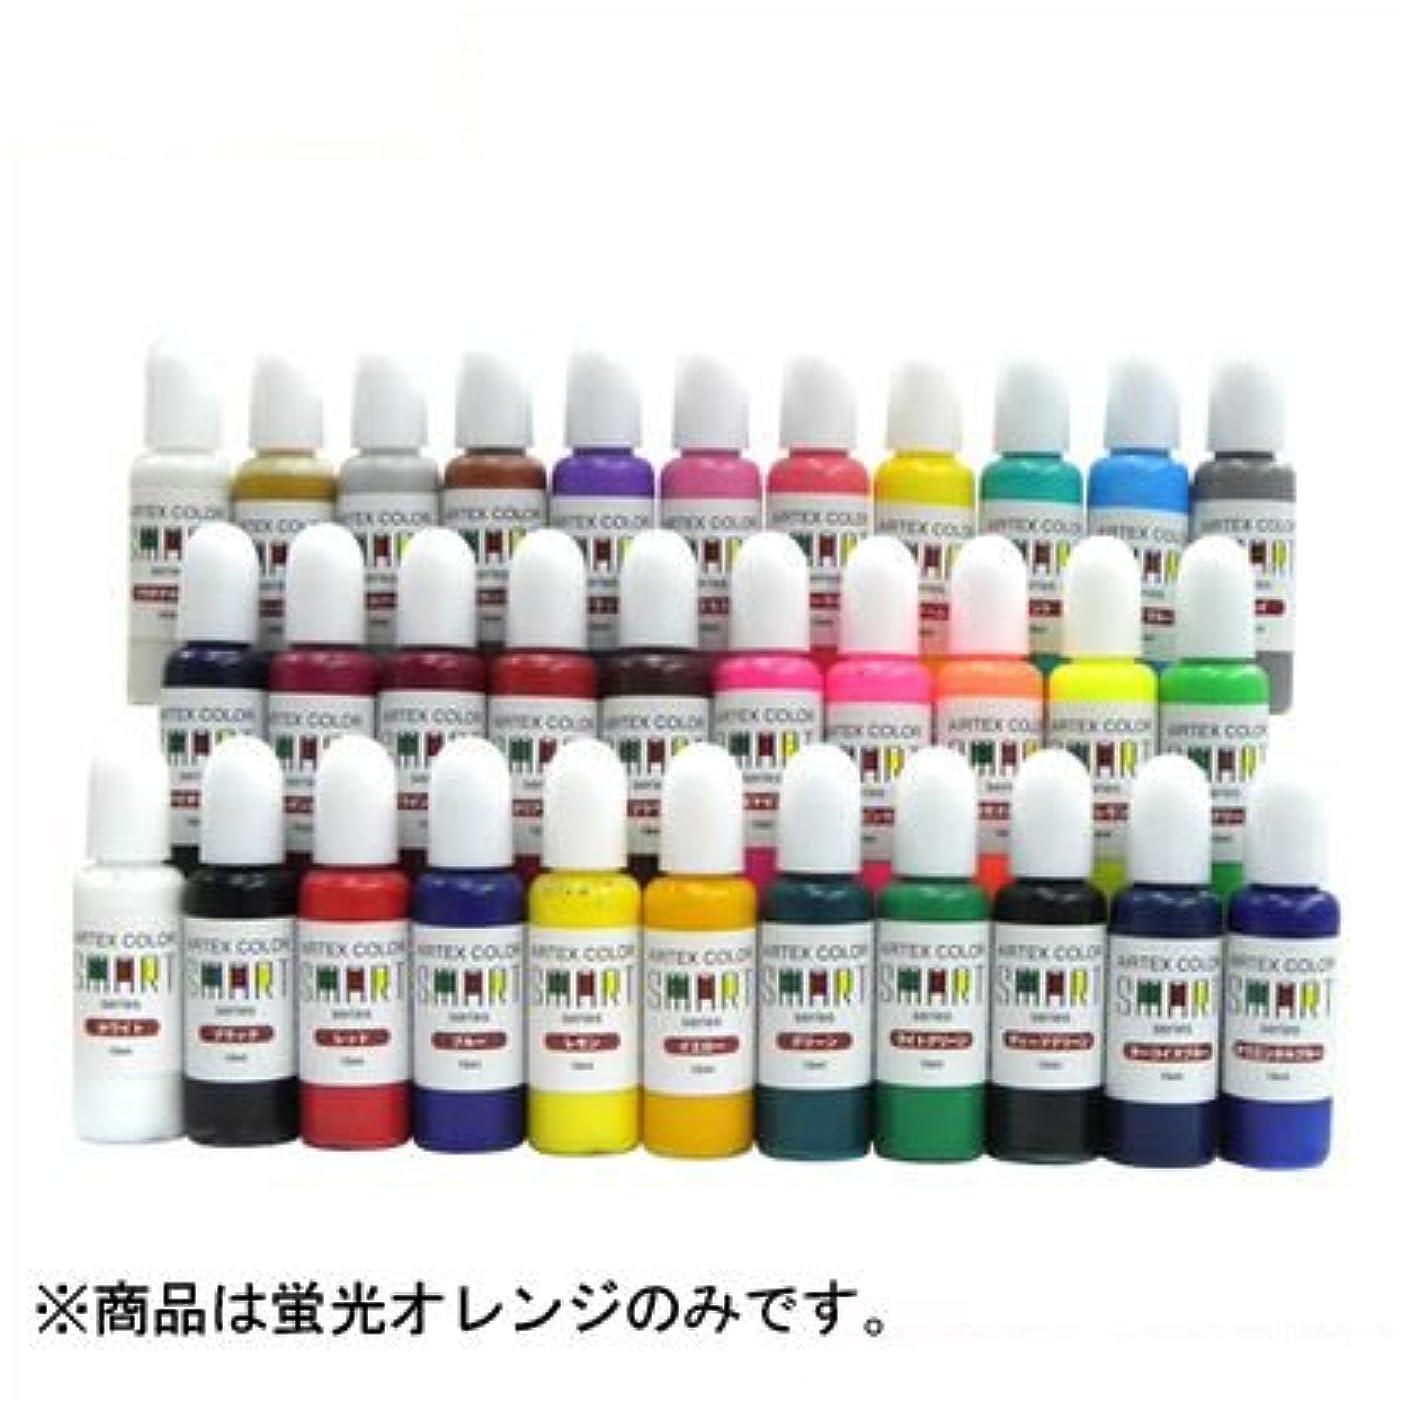 褒賞メルボルンスプレーエアテックス カラースマートシリーズ 蛍光オレンジ ACS19